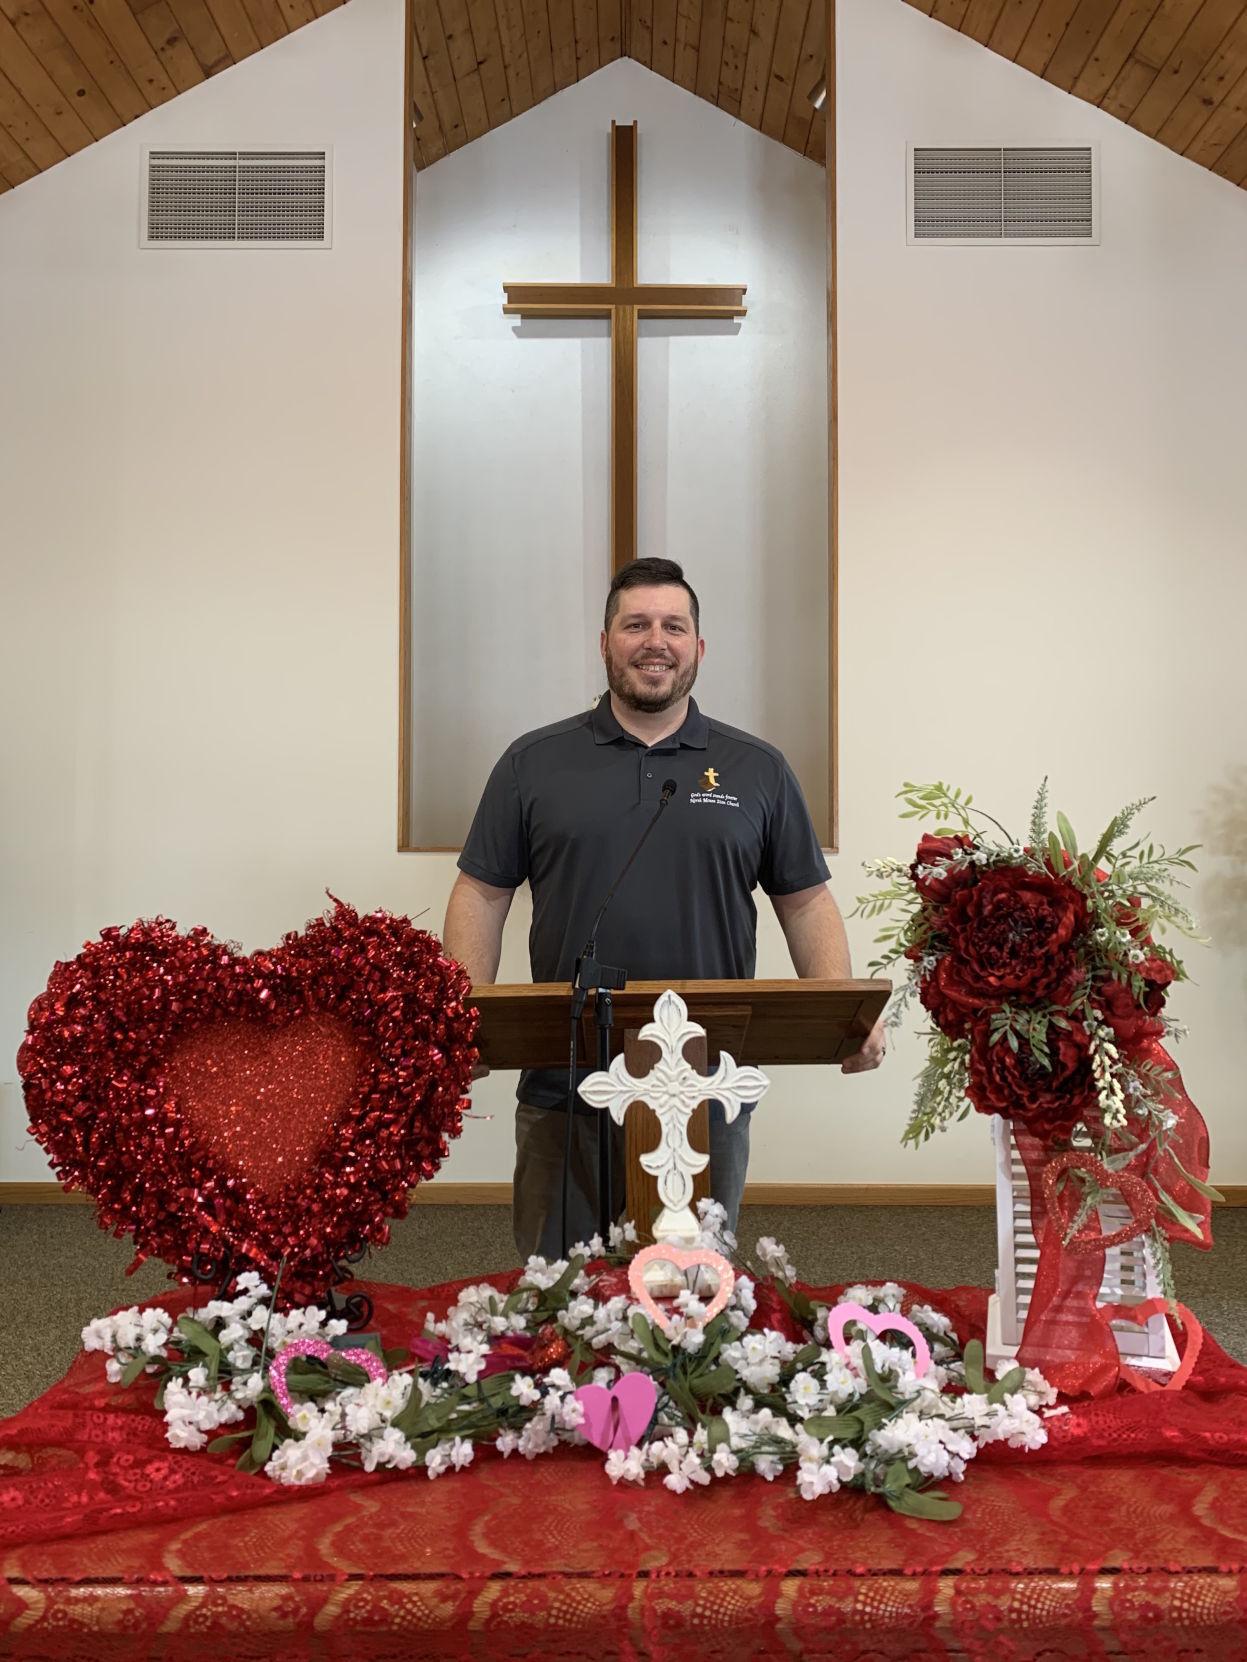 Pastor Joey Stevens